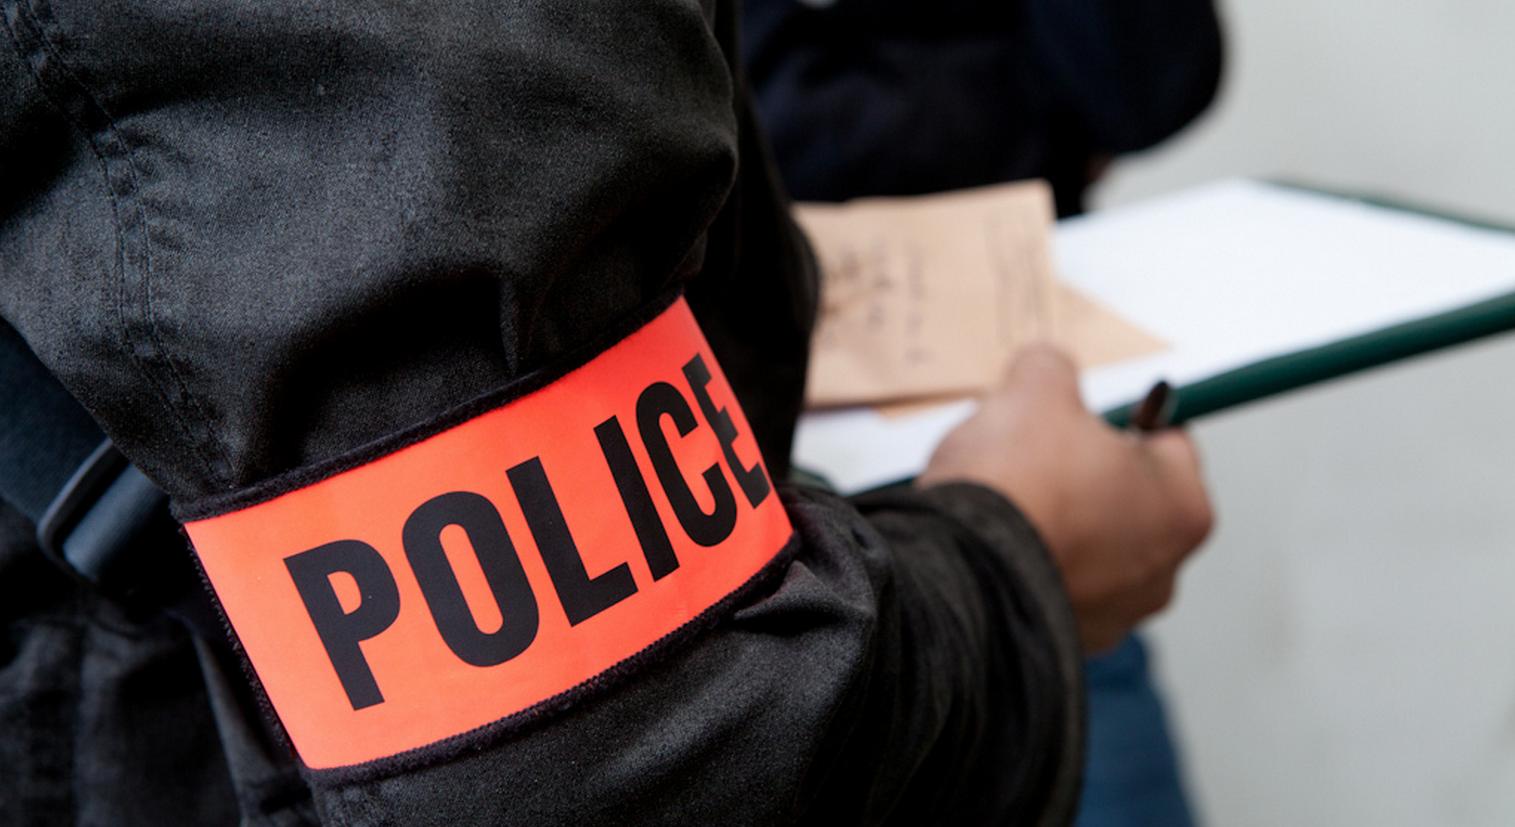 Une enquête a été ouverte pour violences volontaires aggravées (Illustration)